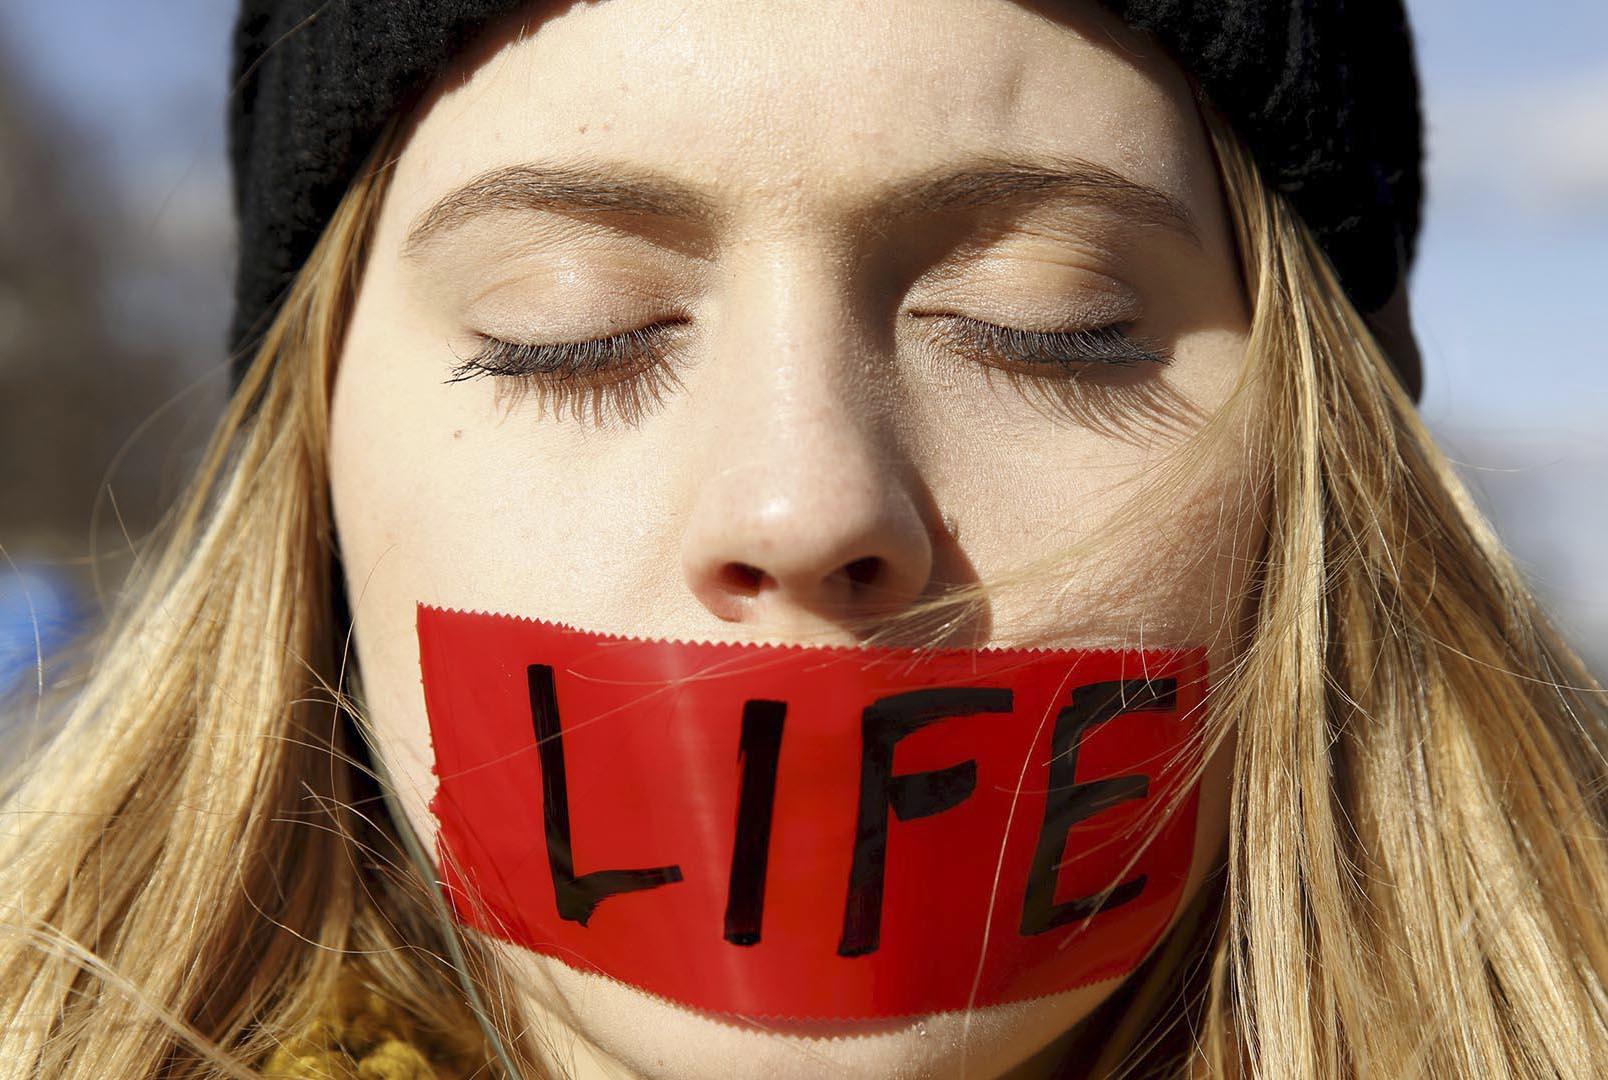 La violència masclista deixa 22 dones amb ordre d'allunyament El Periòdic d'Ontinyent